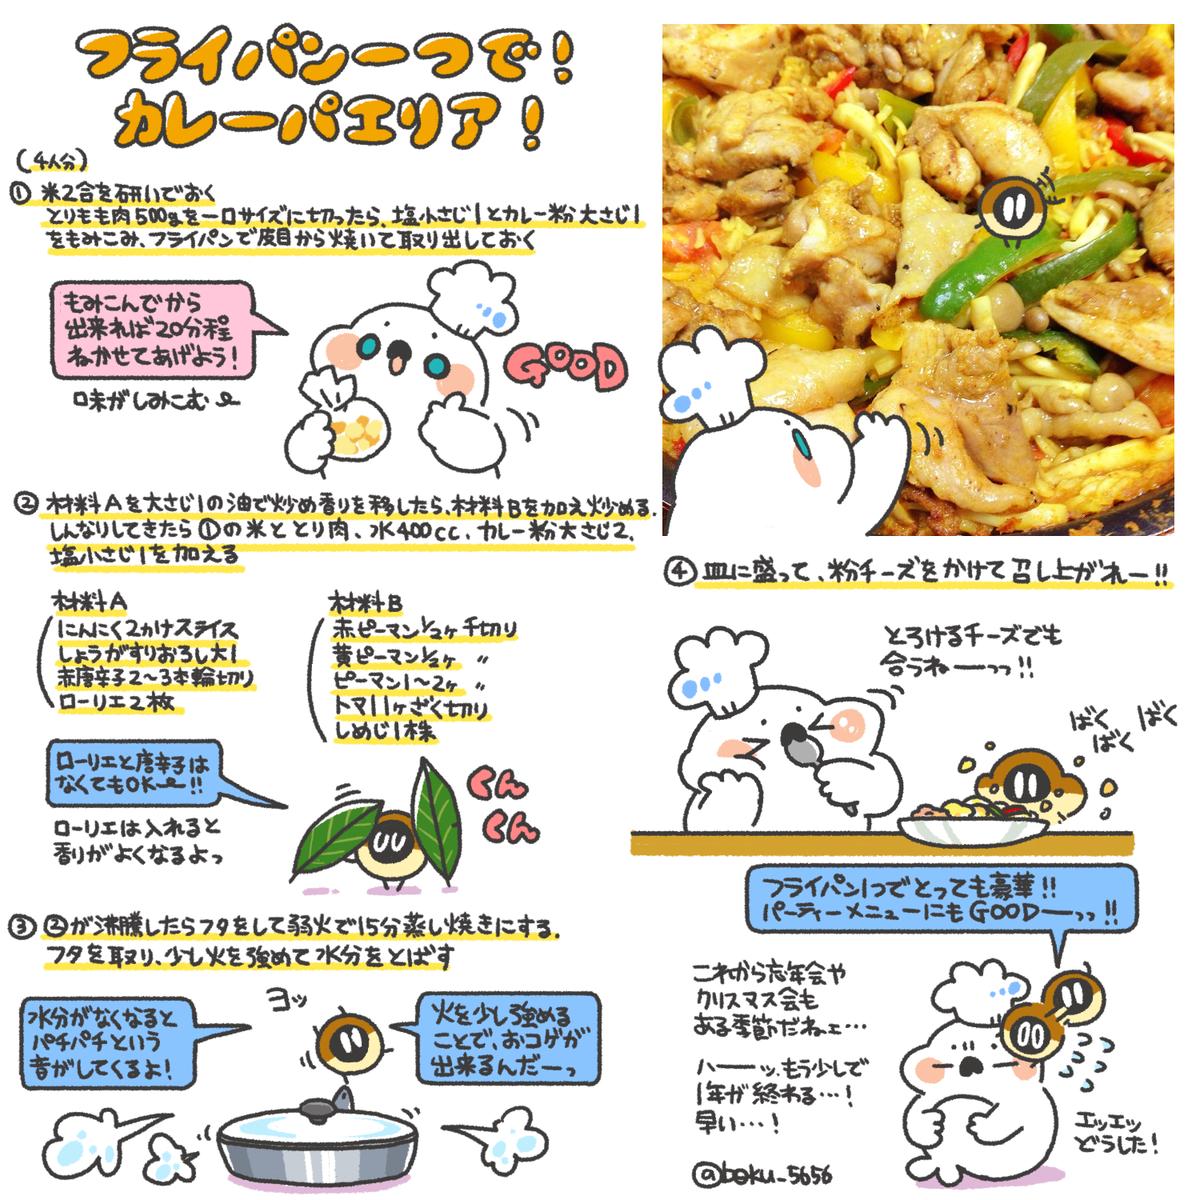 フライパン一つで!カレーパエリアのレシピ、まとめました!ι( OO )/